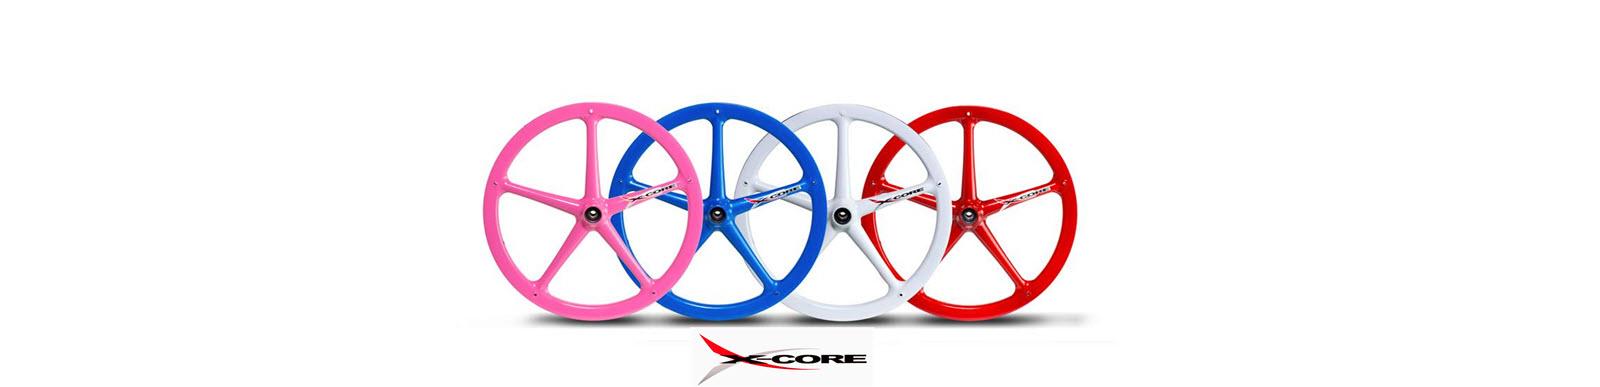 5 Spoke Xcore wheels